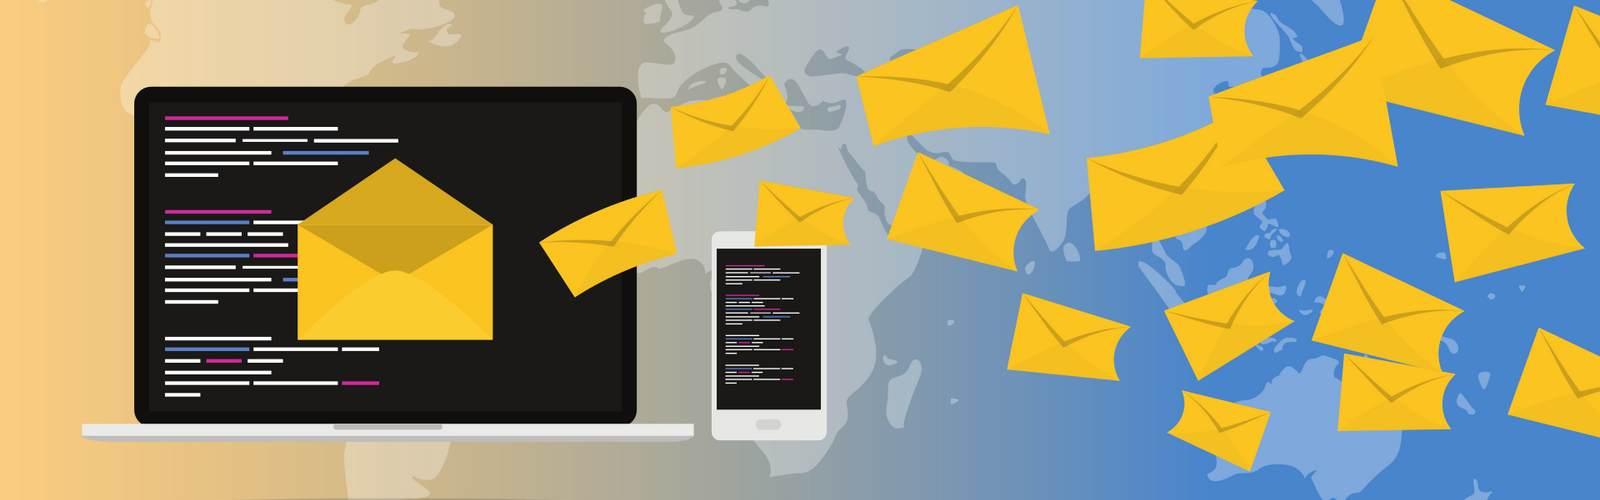 TIN, i problemi di mail e la soluzione definitiva